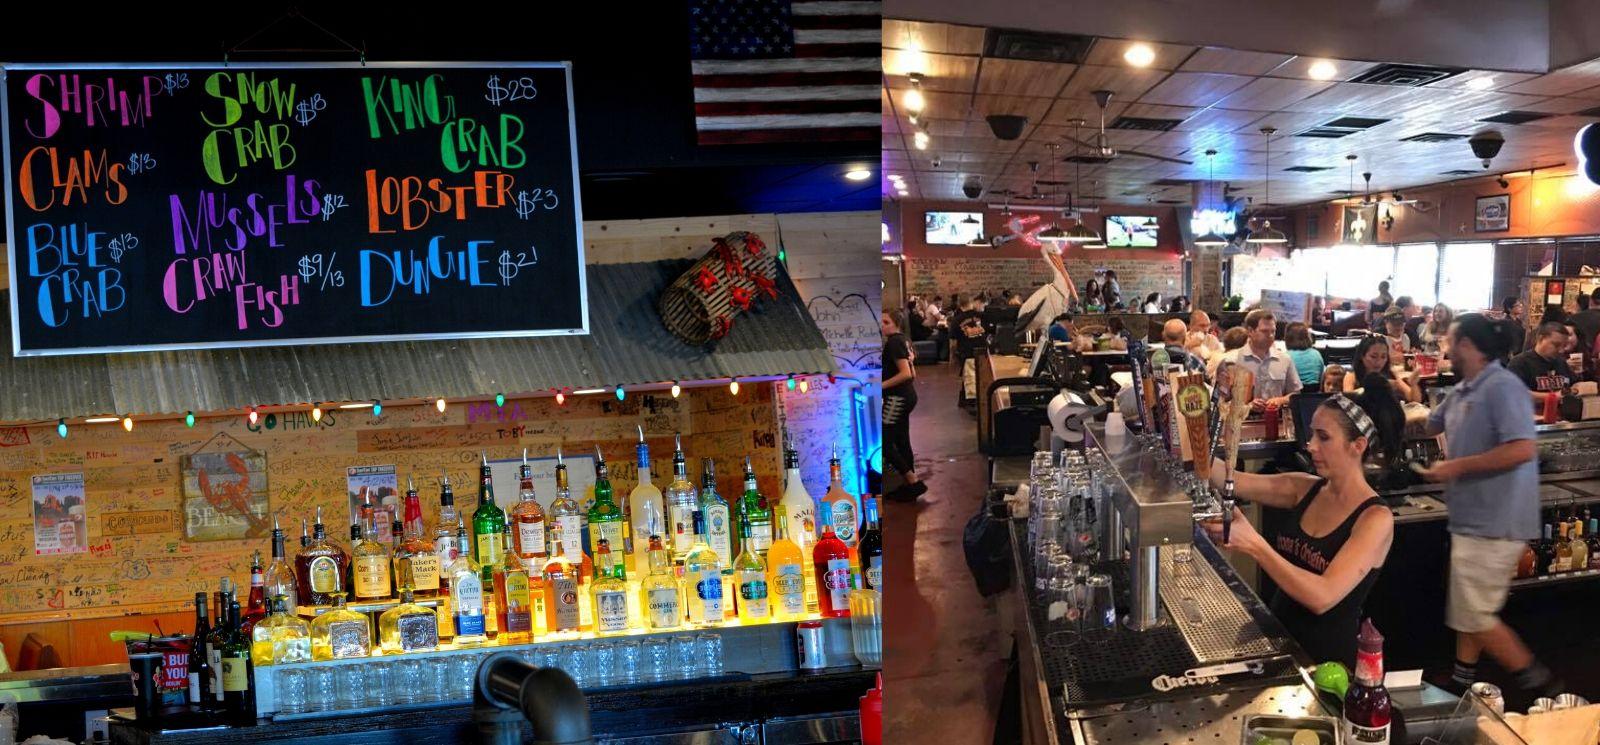 4 Tips for Restaurant Franchise Beverage and Bar Management